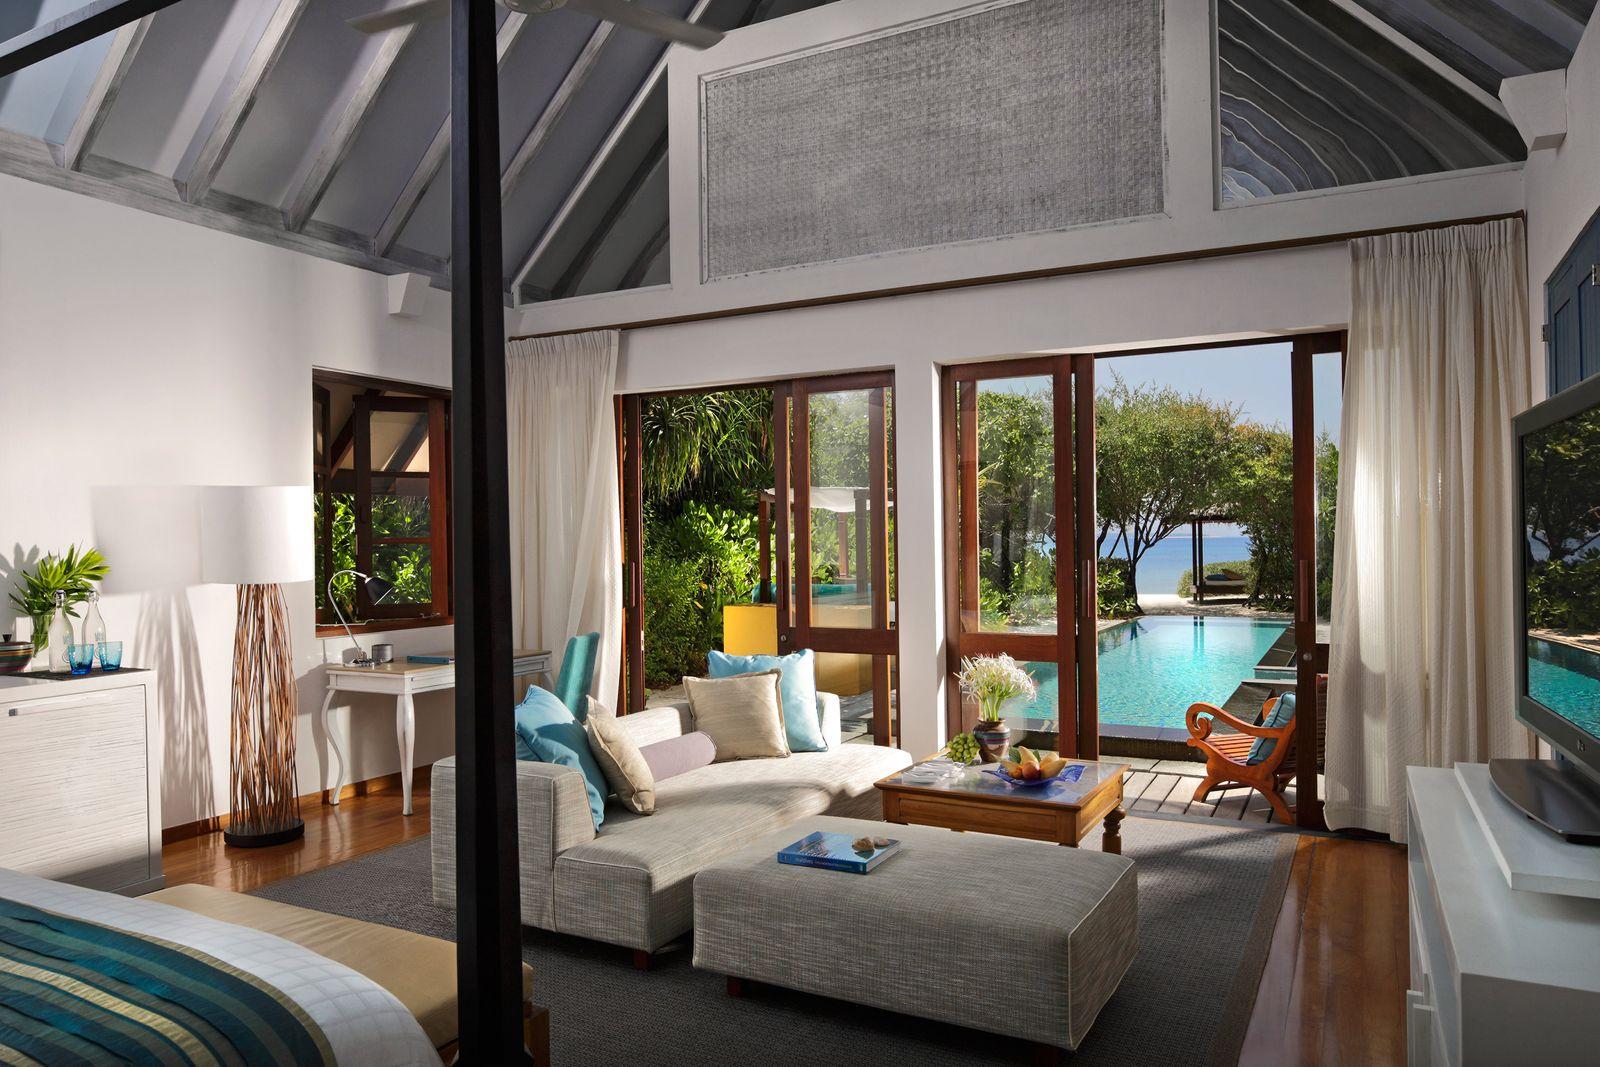 EINMALIGE VERWENDUNG Male statt Malle - Neun Gründe für einen Malediven-Urlaub